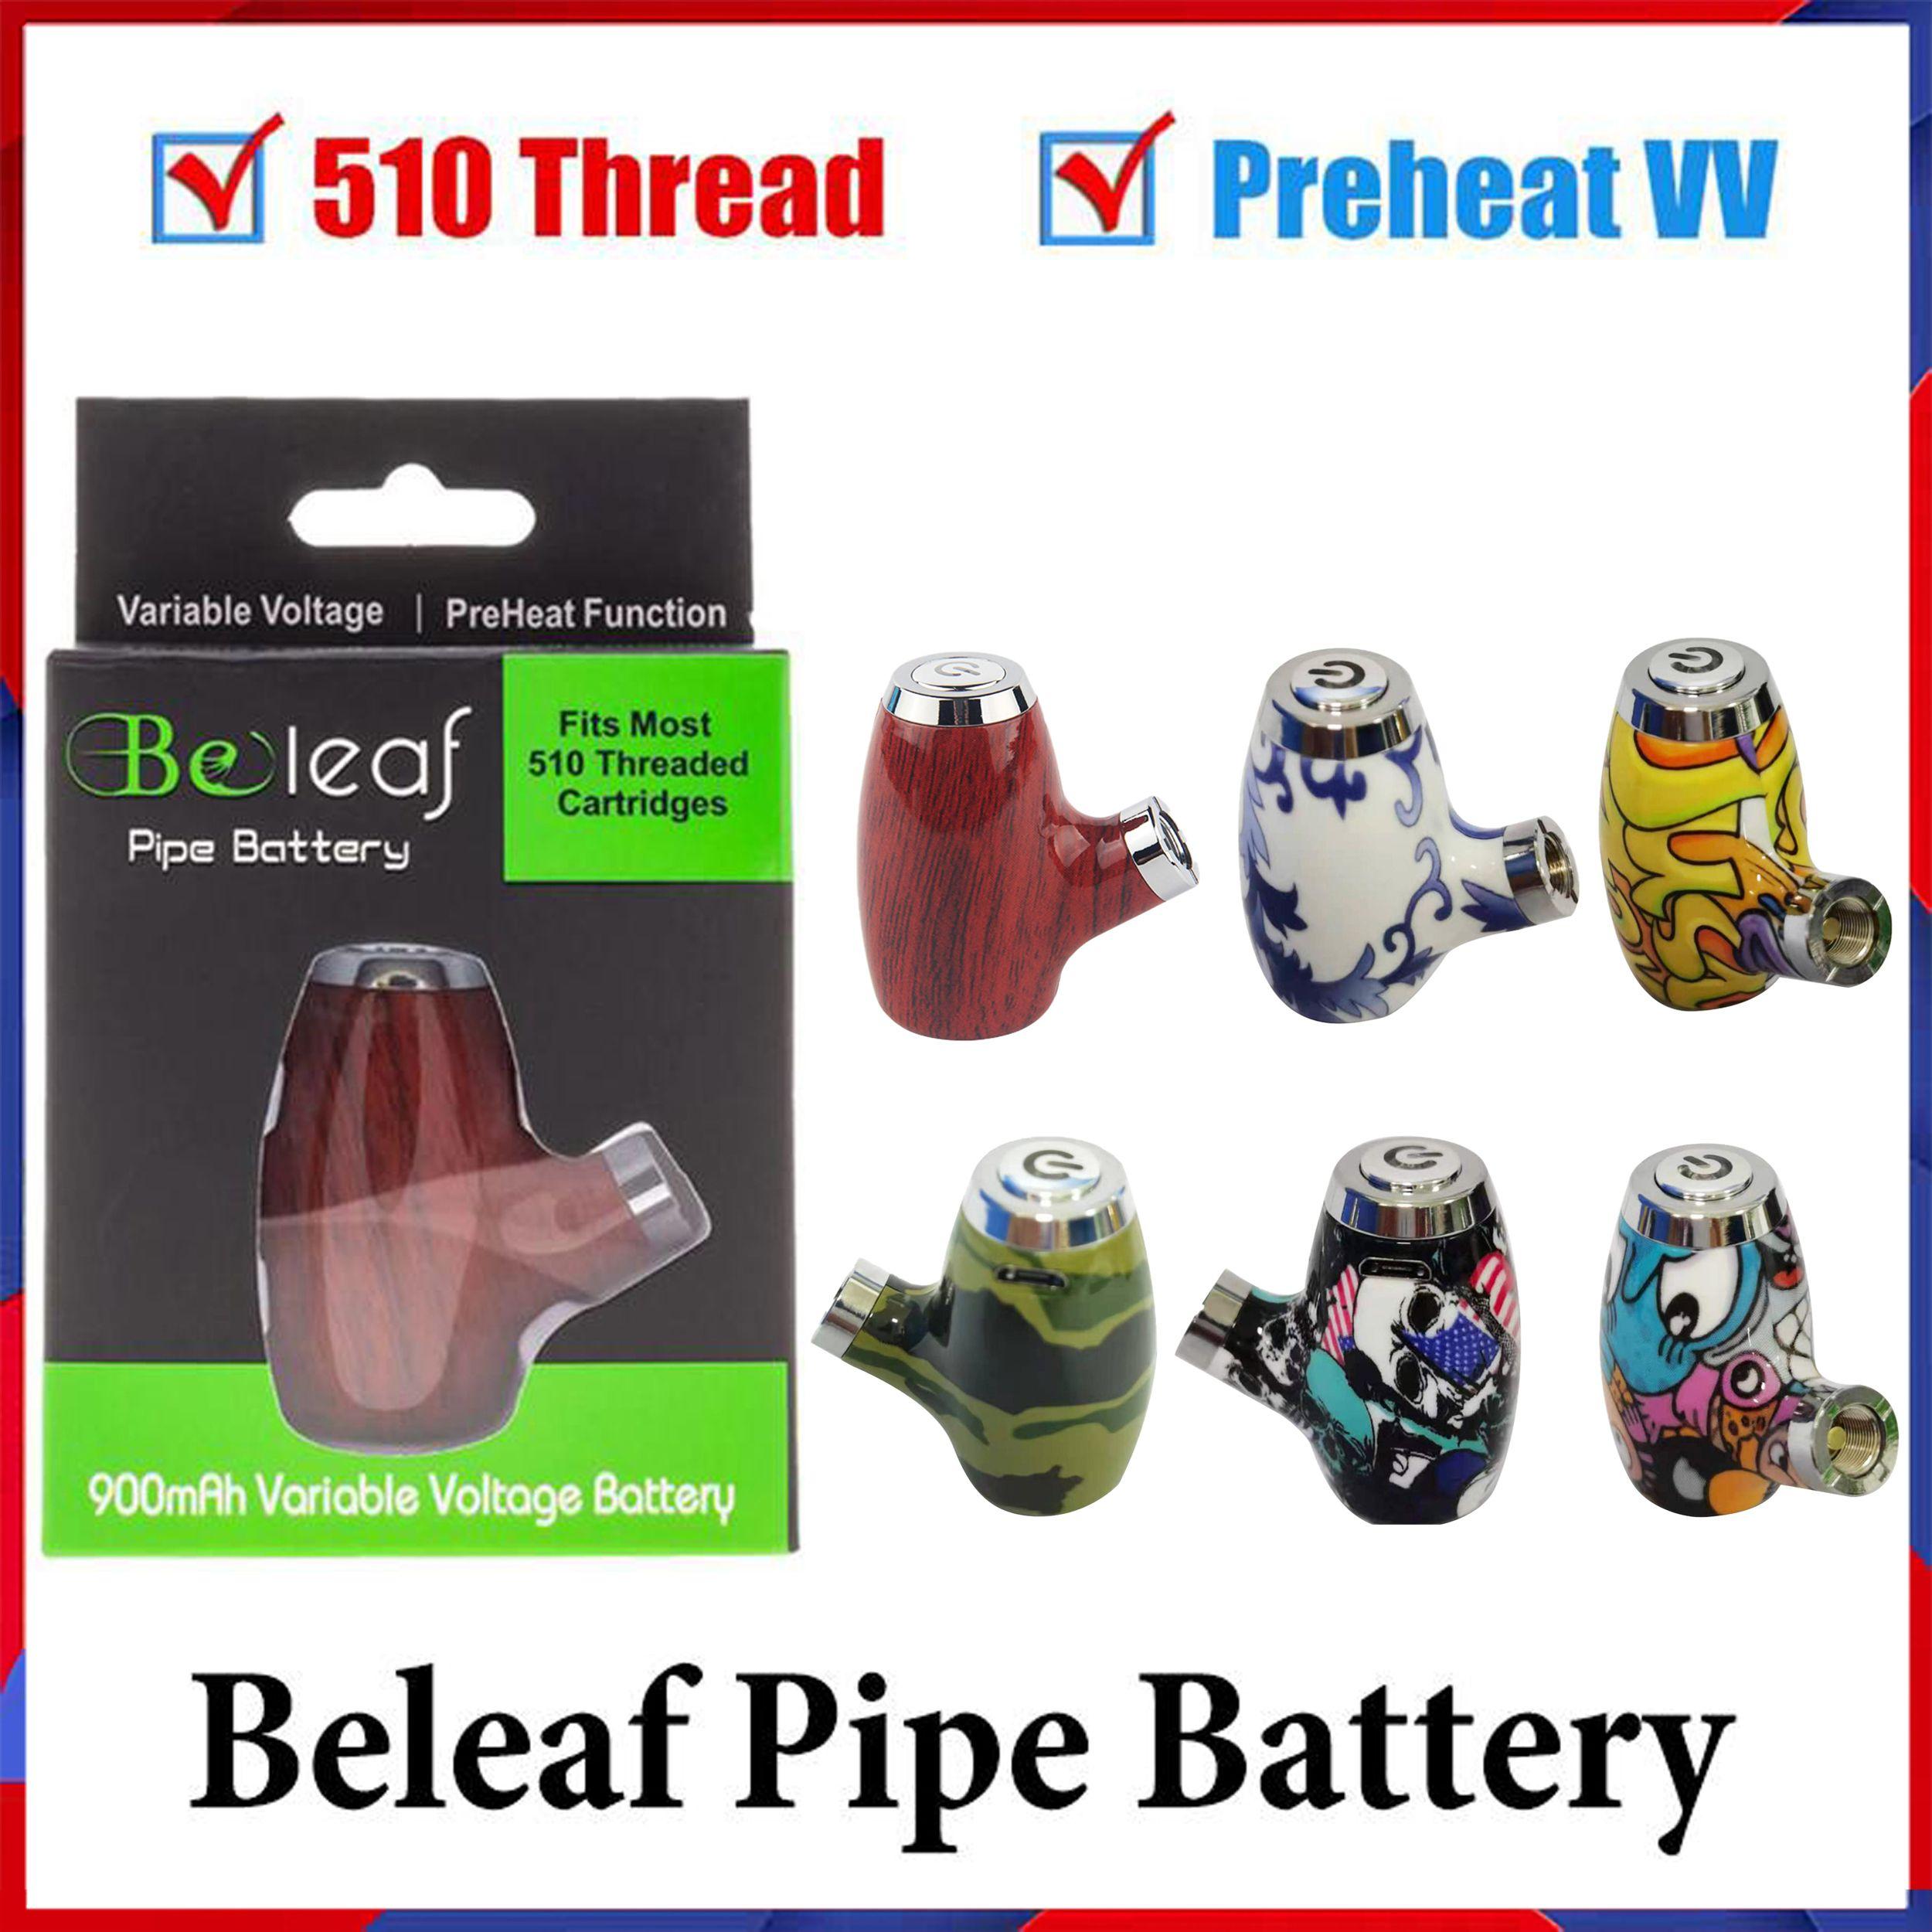 100% Originalüre Pipe Batterie Kit 6 Farben Holz Design Vape Pen Zigarette 510 Gewinde 900mAh Wiederaufladbare Vorheizvariable Spannung